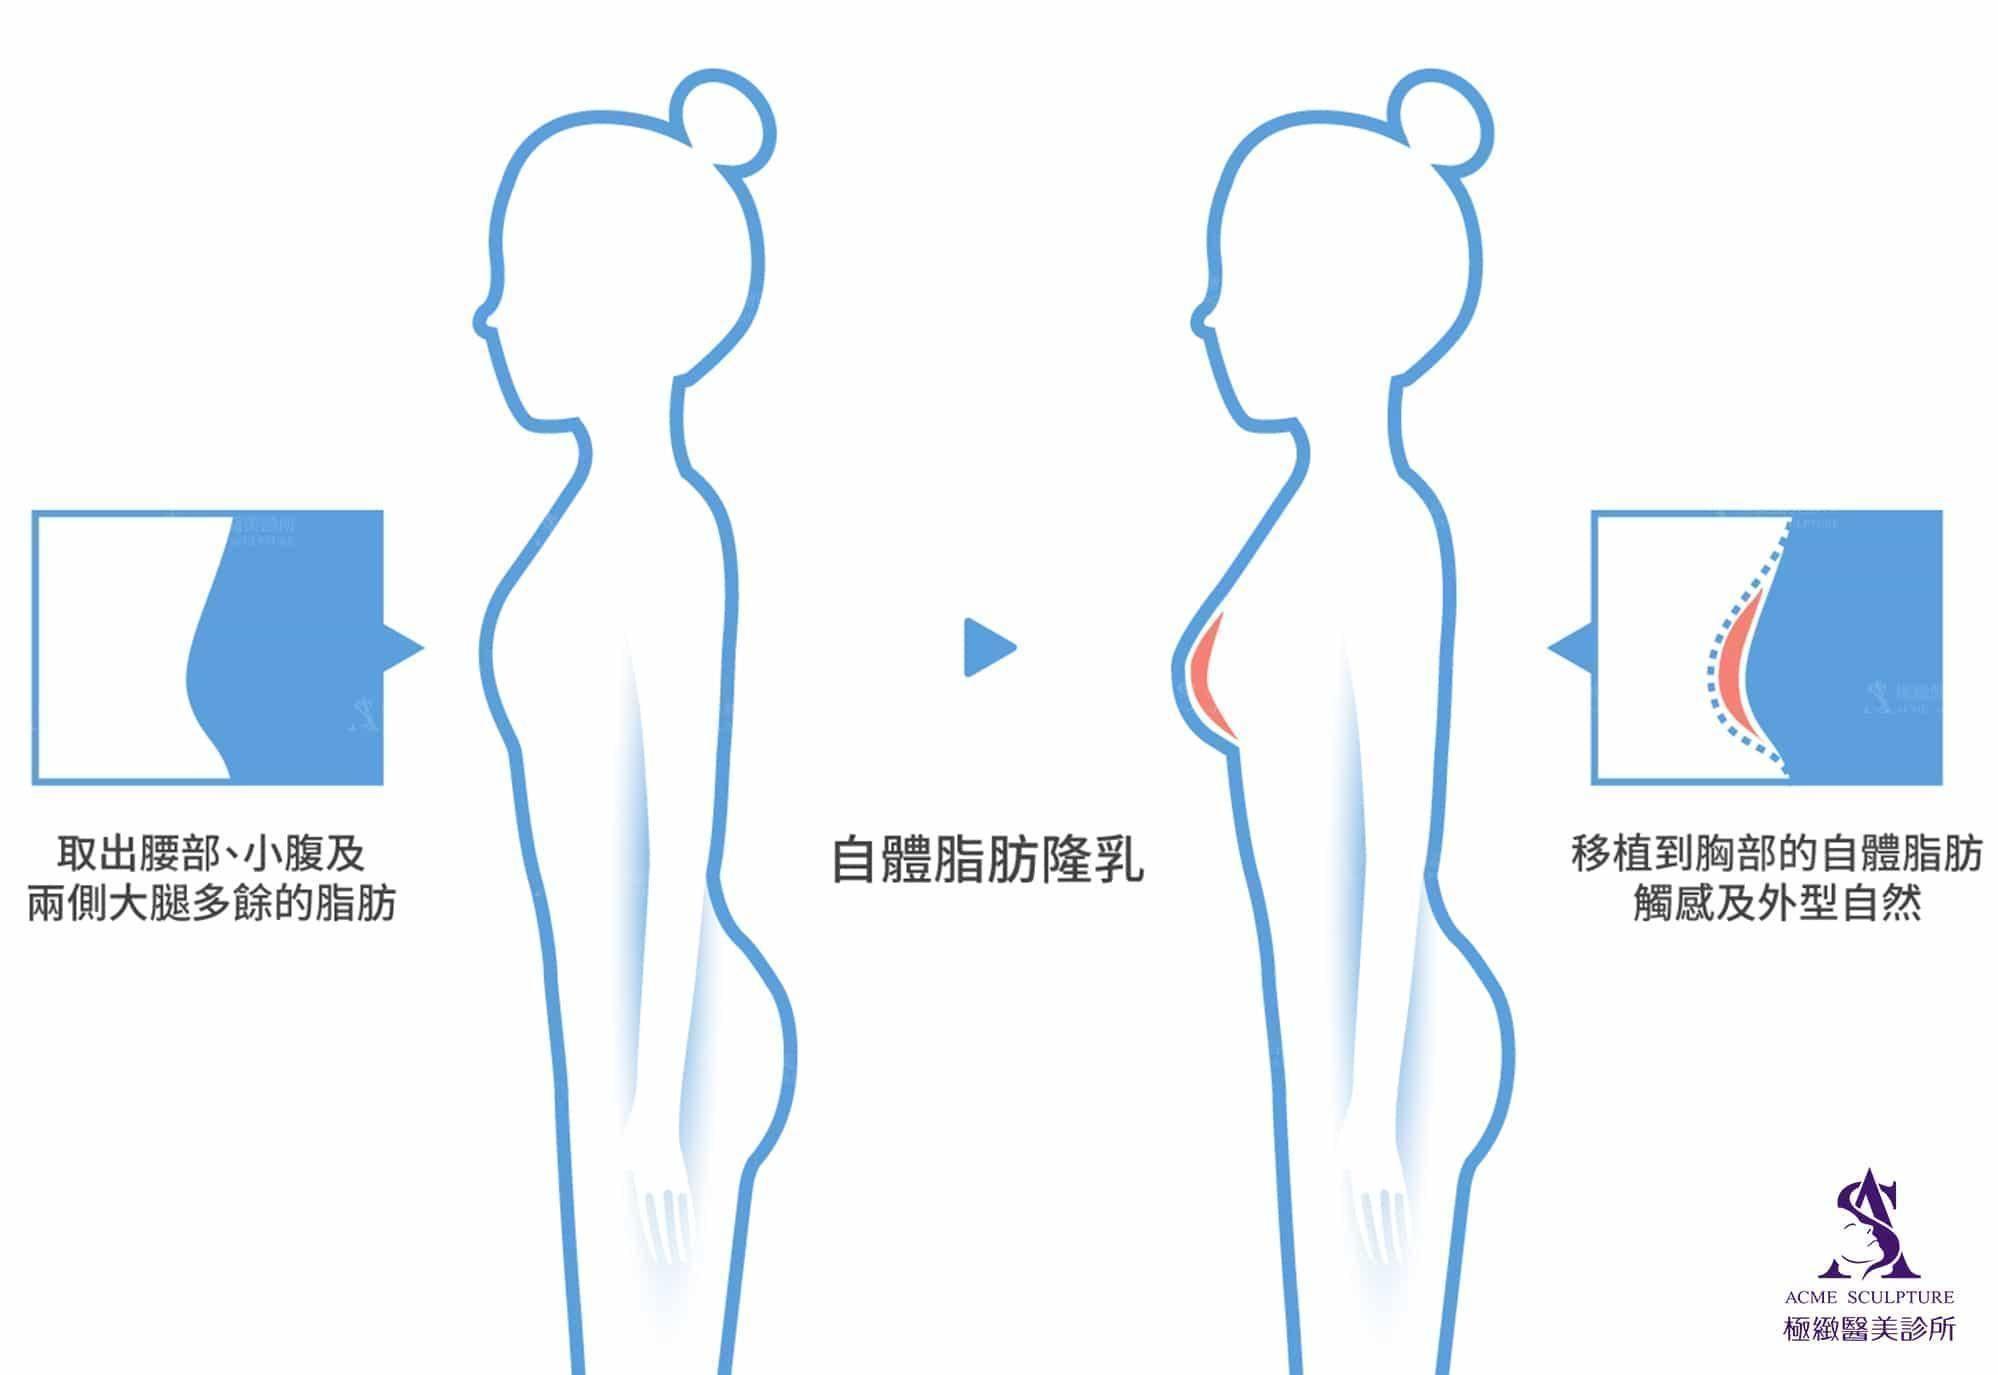 簡單瞭解自體脂肪豐胸是什麼